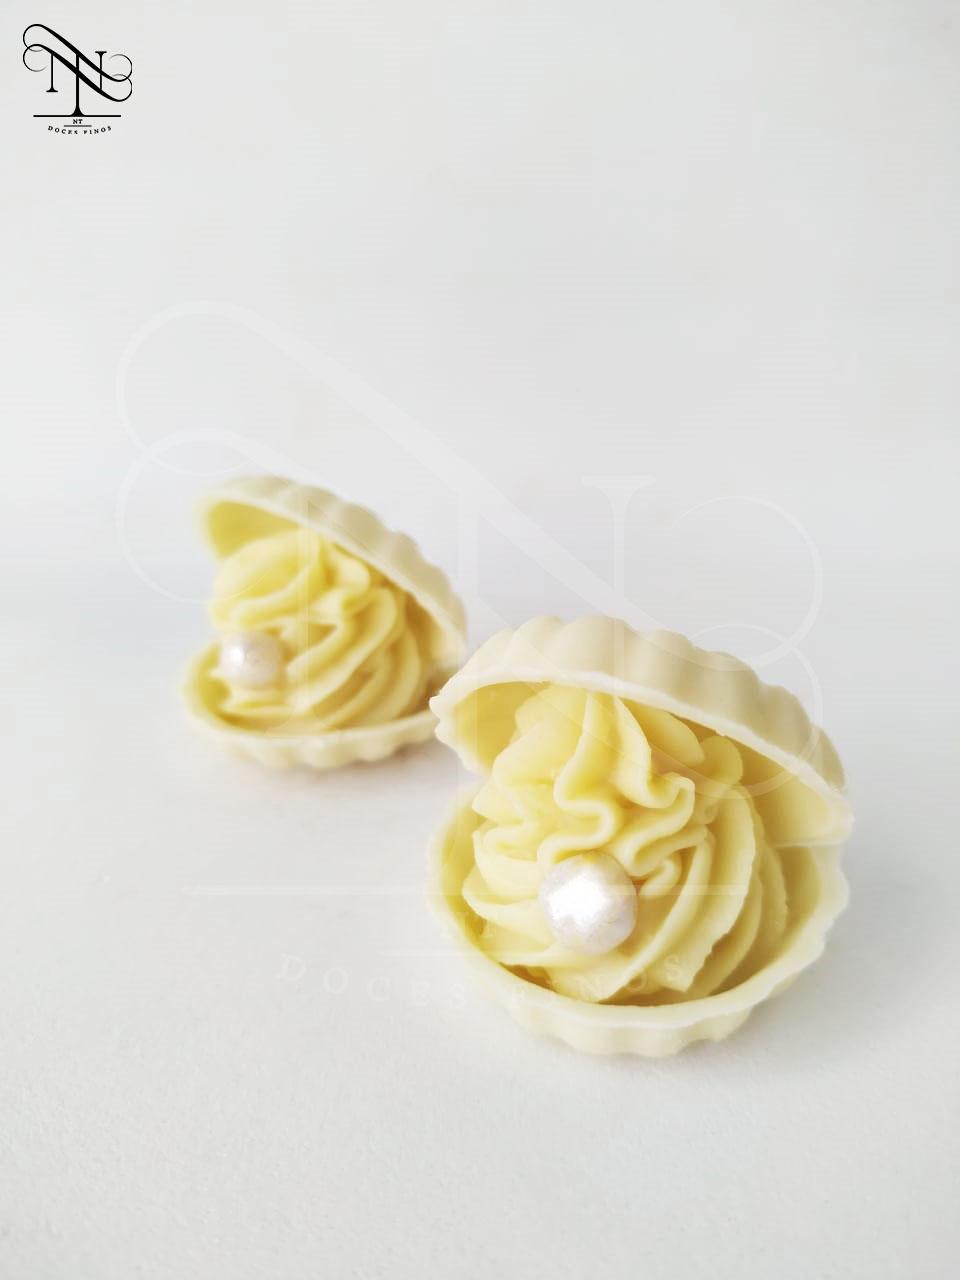 Concha de chocolate branco ou melão